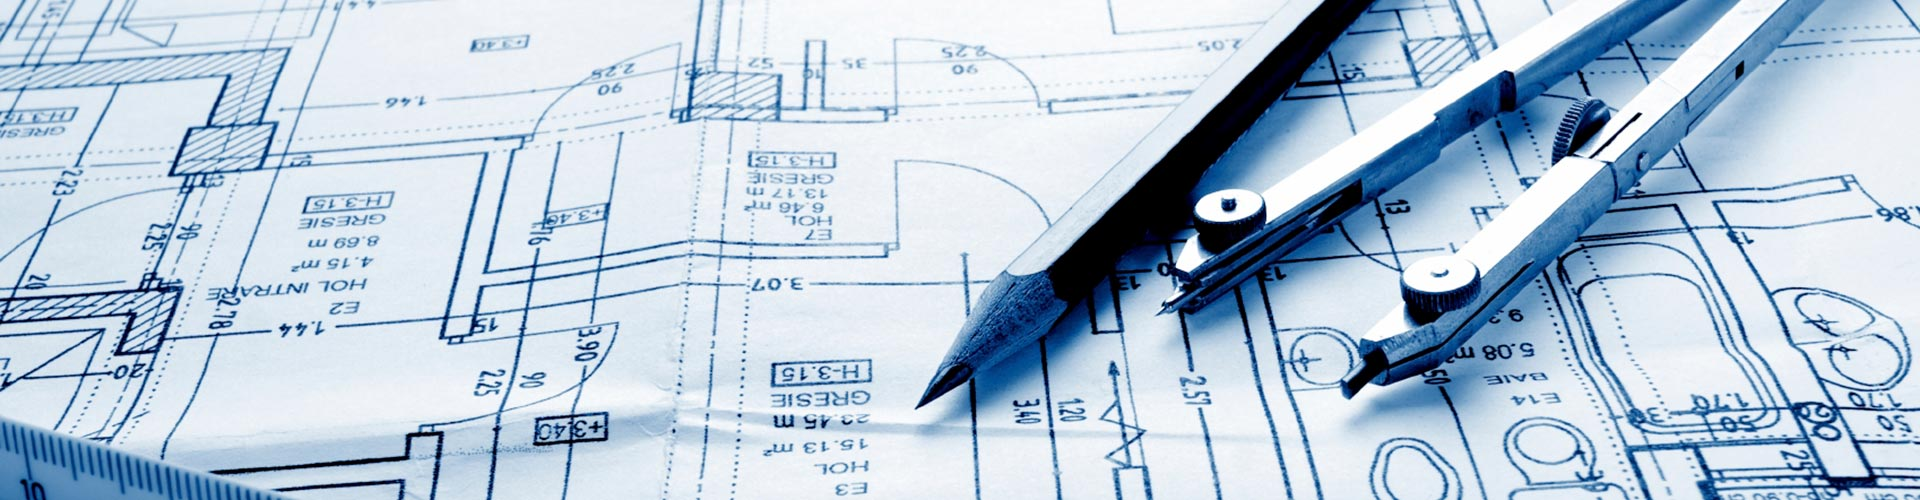 blueprint-banner